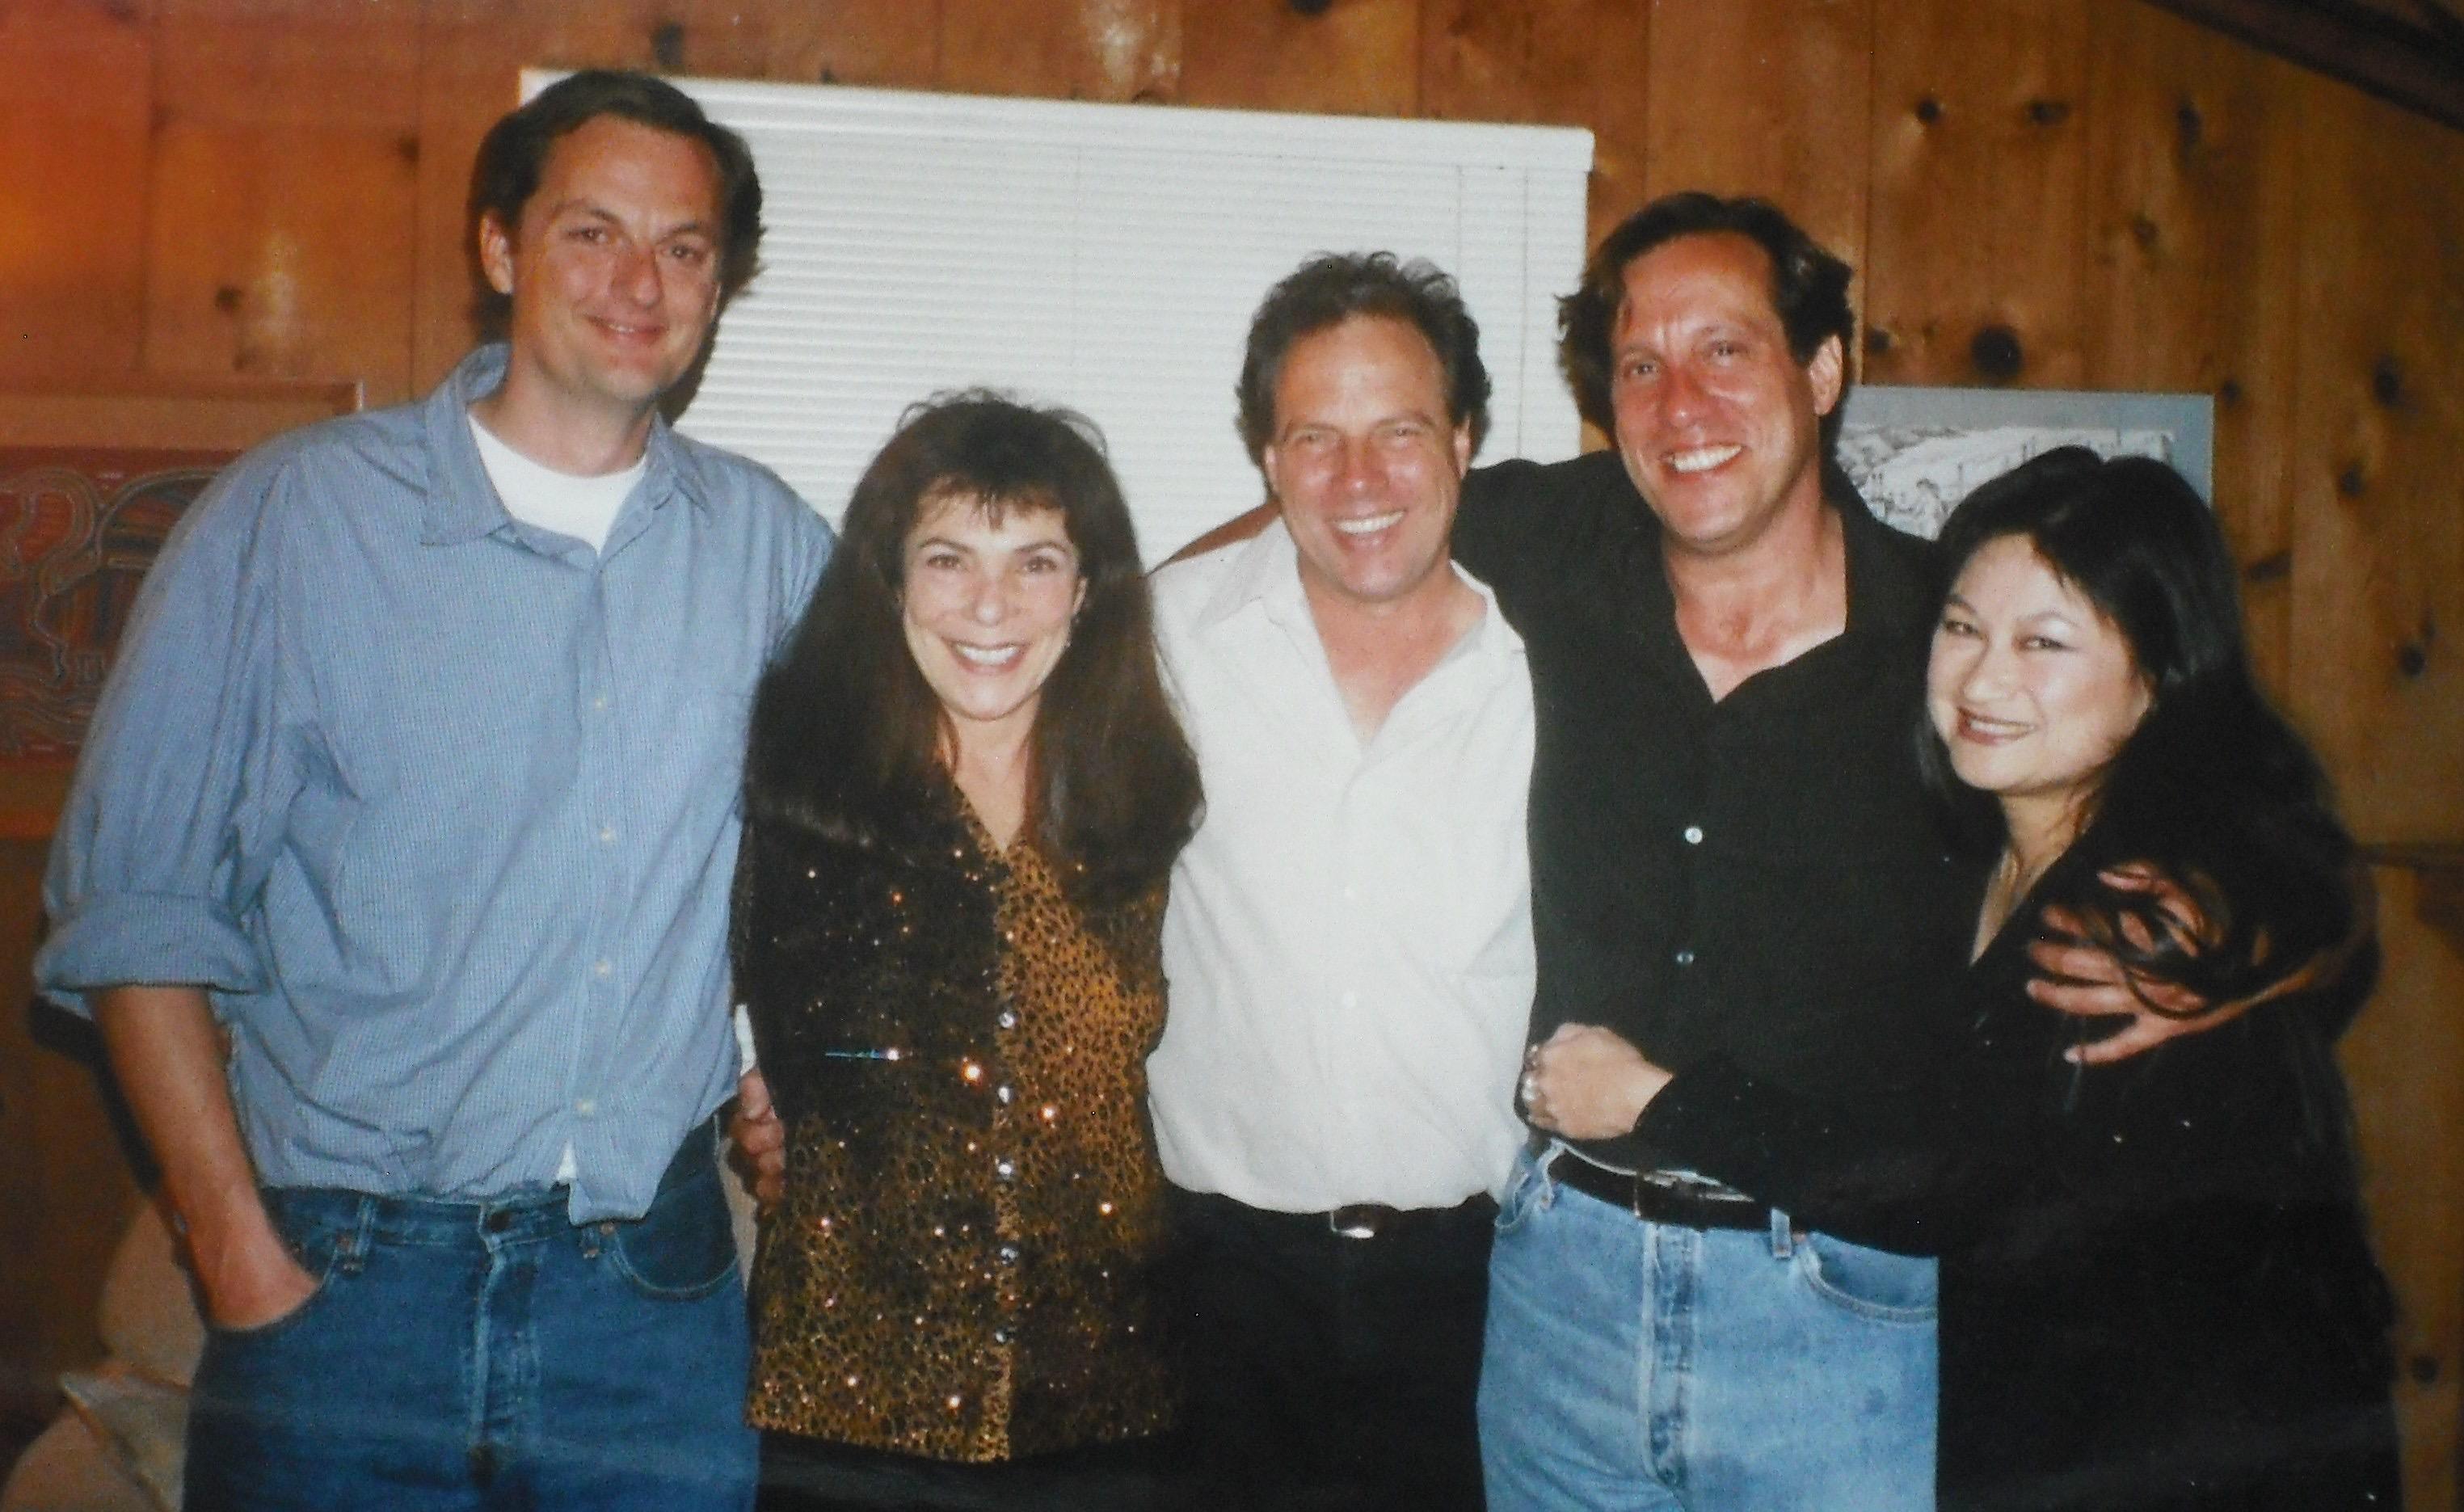 Marcus Lloyd, Carol Daly, Conrad Selvig, James Brady